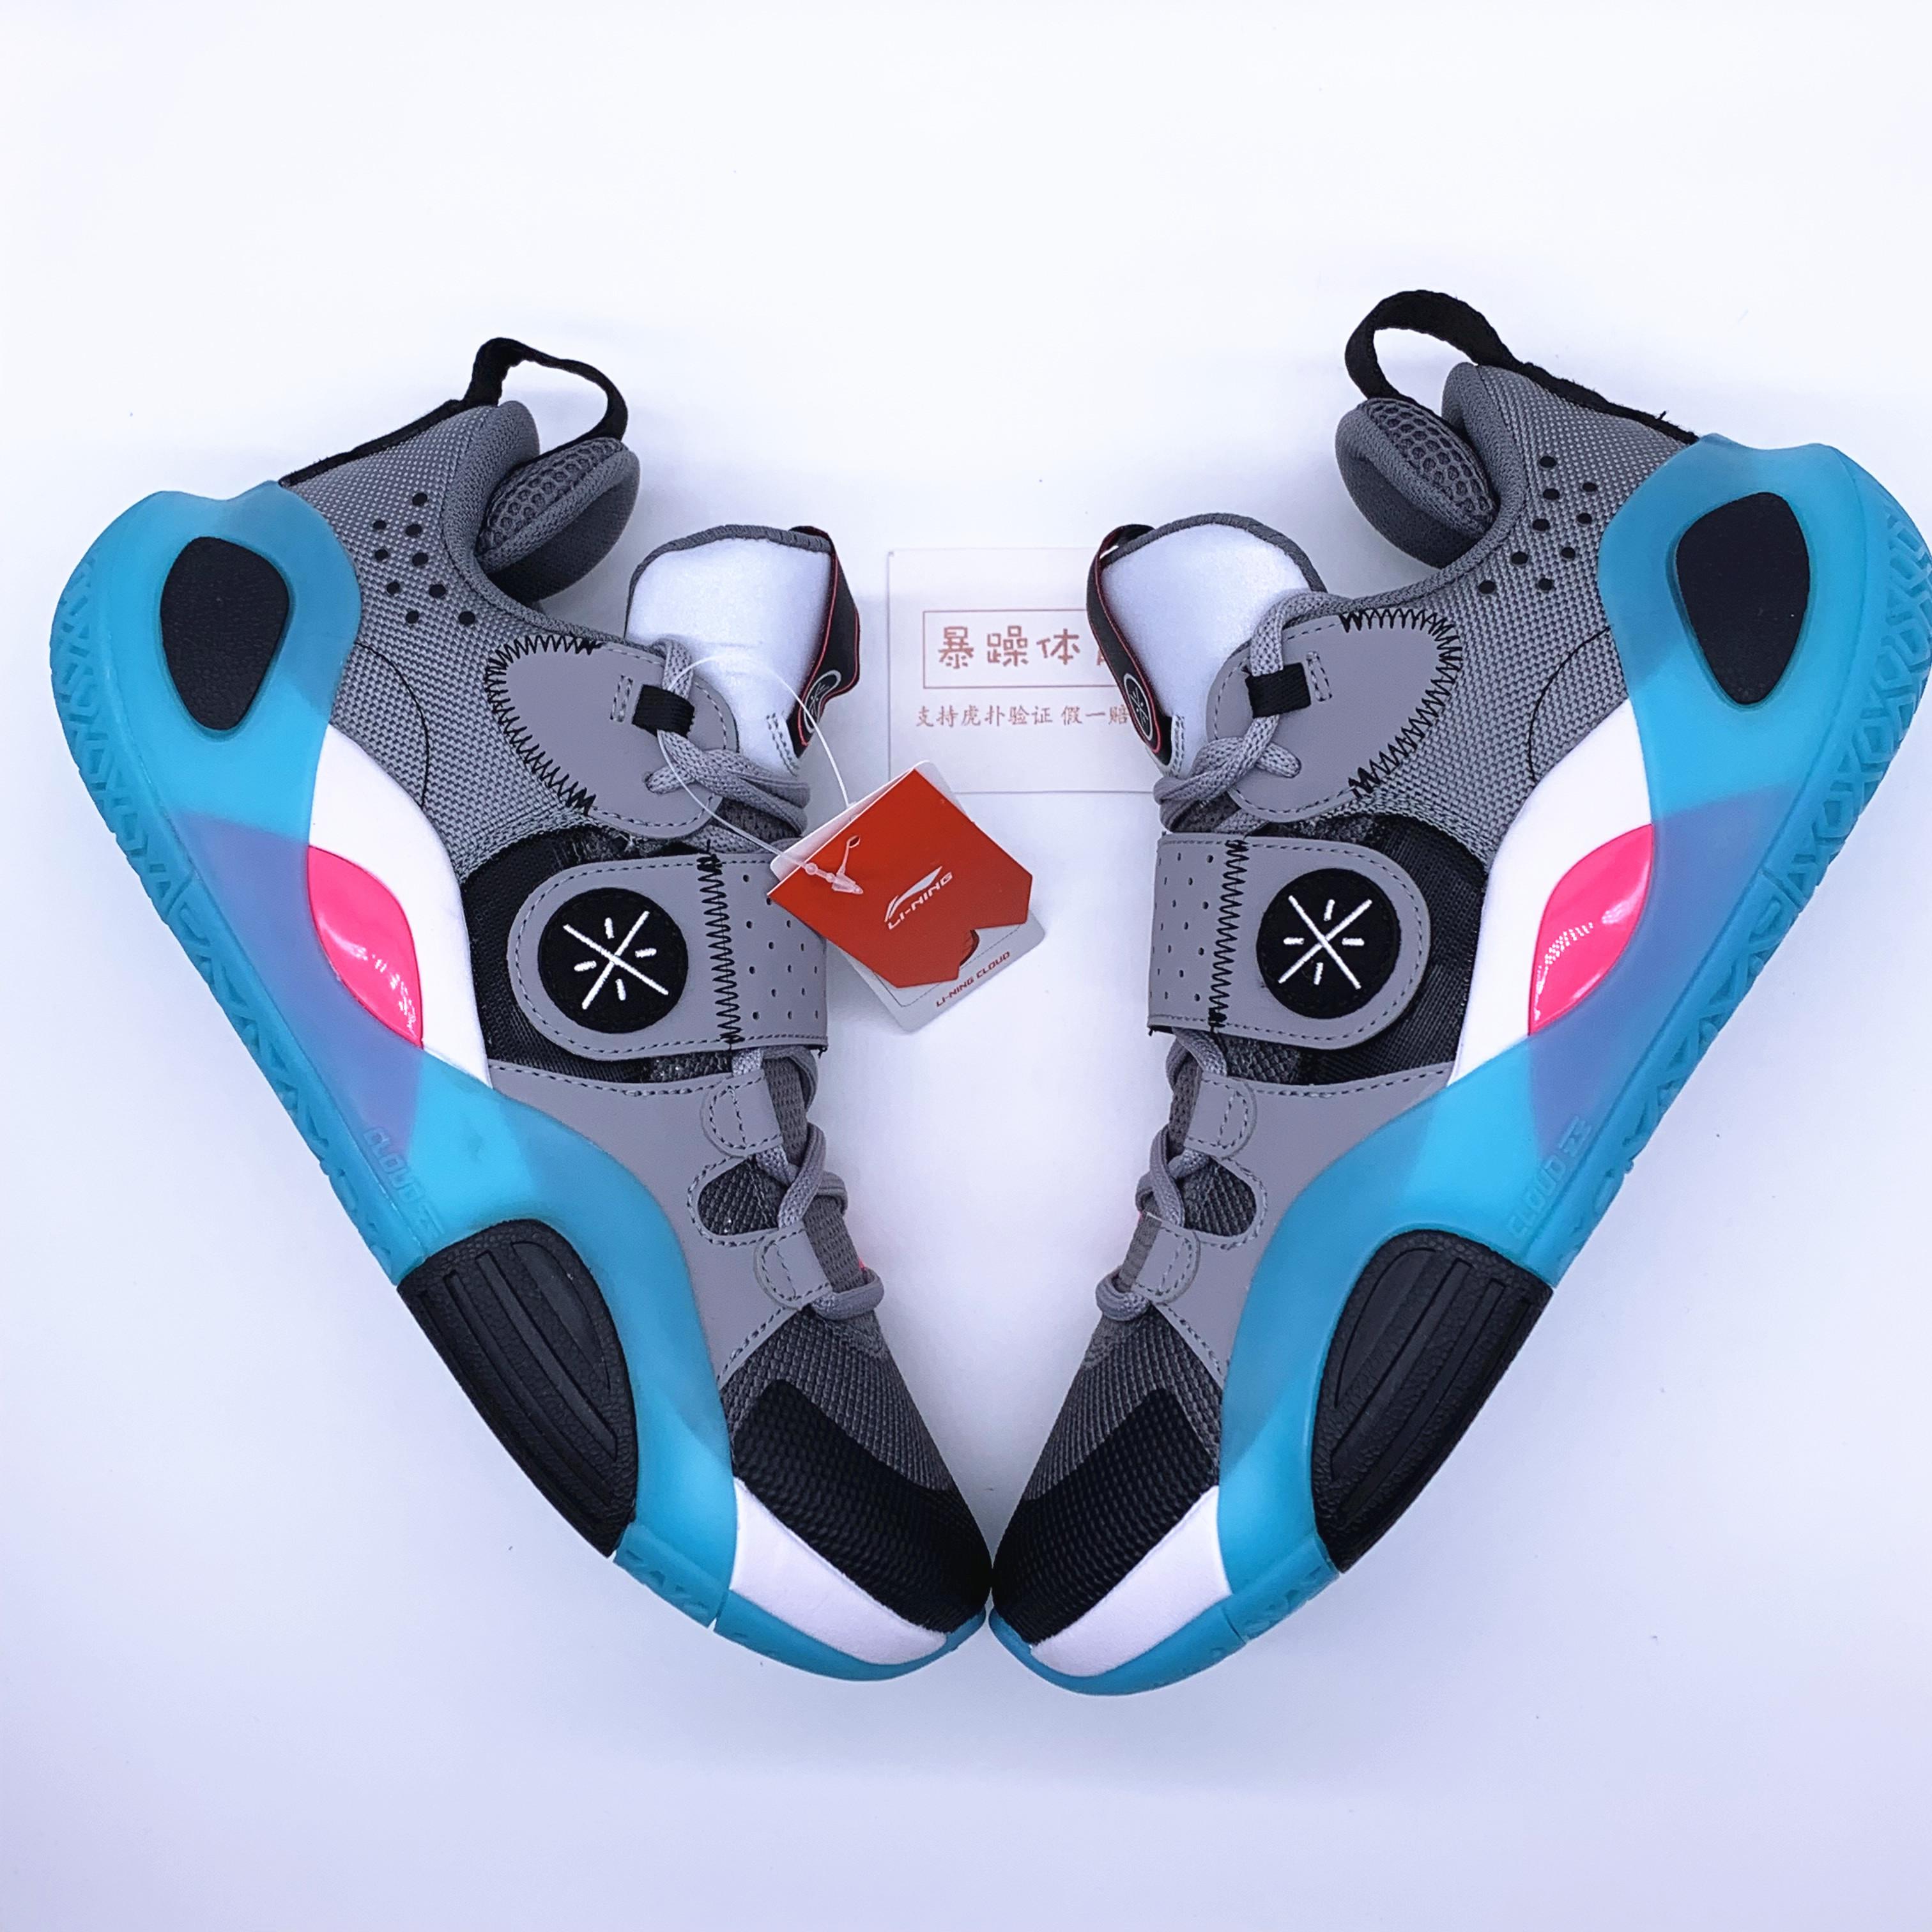 李宁全城8V2篮球鞋2020春季新款韦德之道wow8拉塞尔运动鞋ABPQ005图片